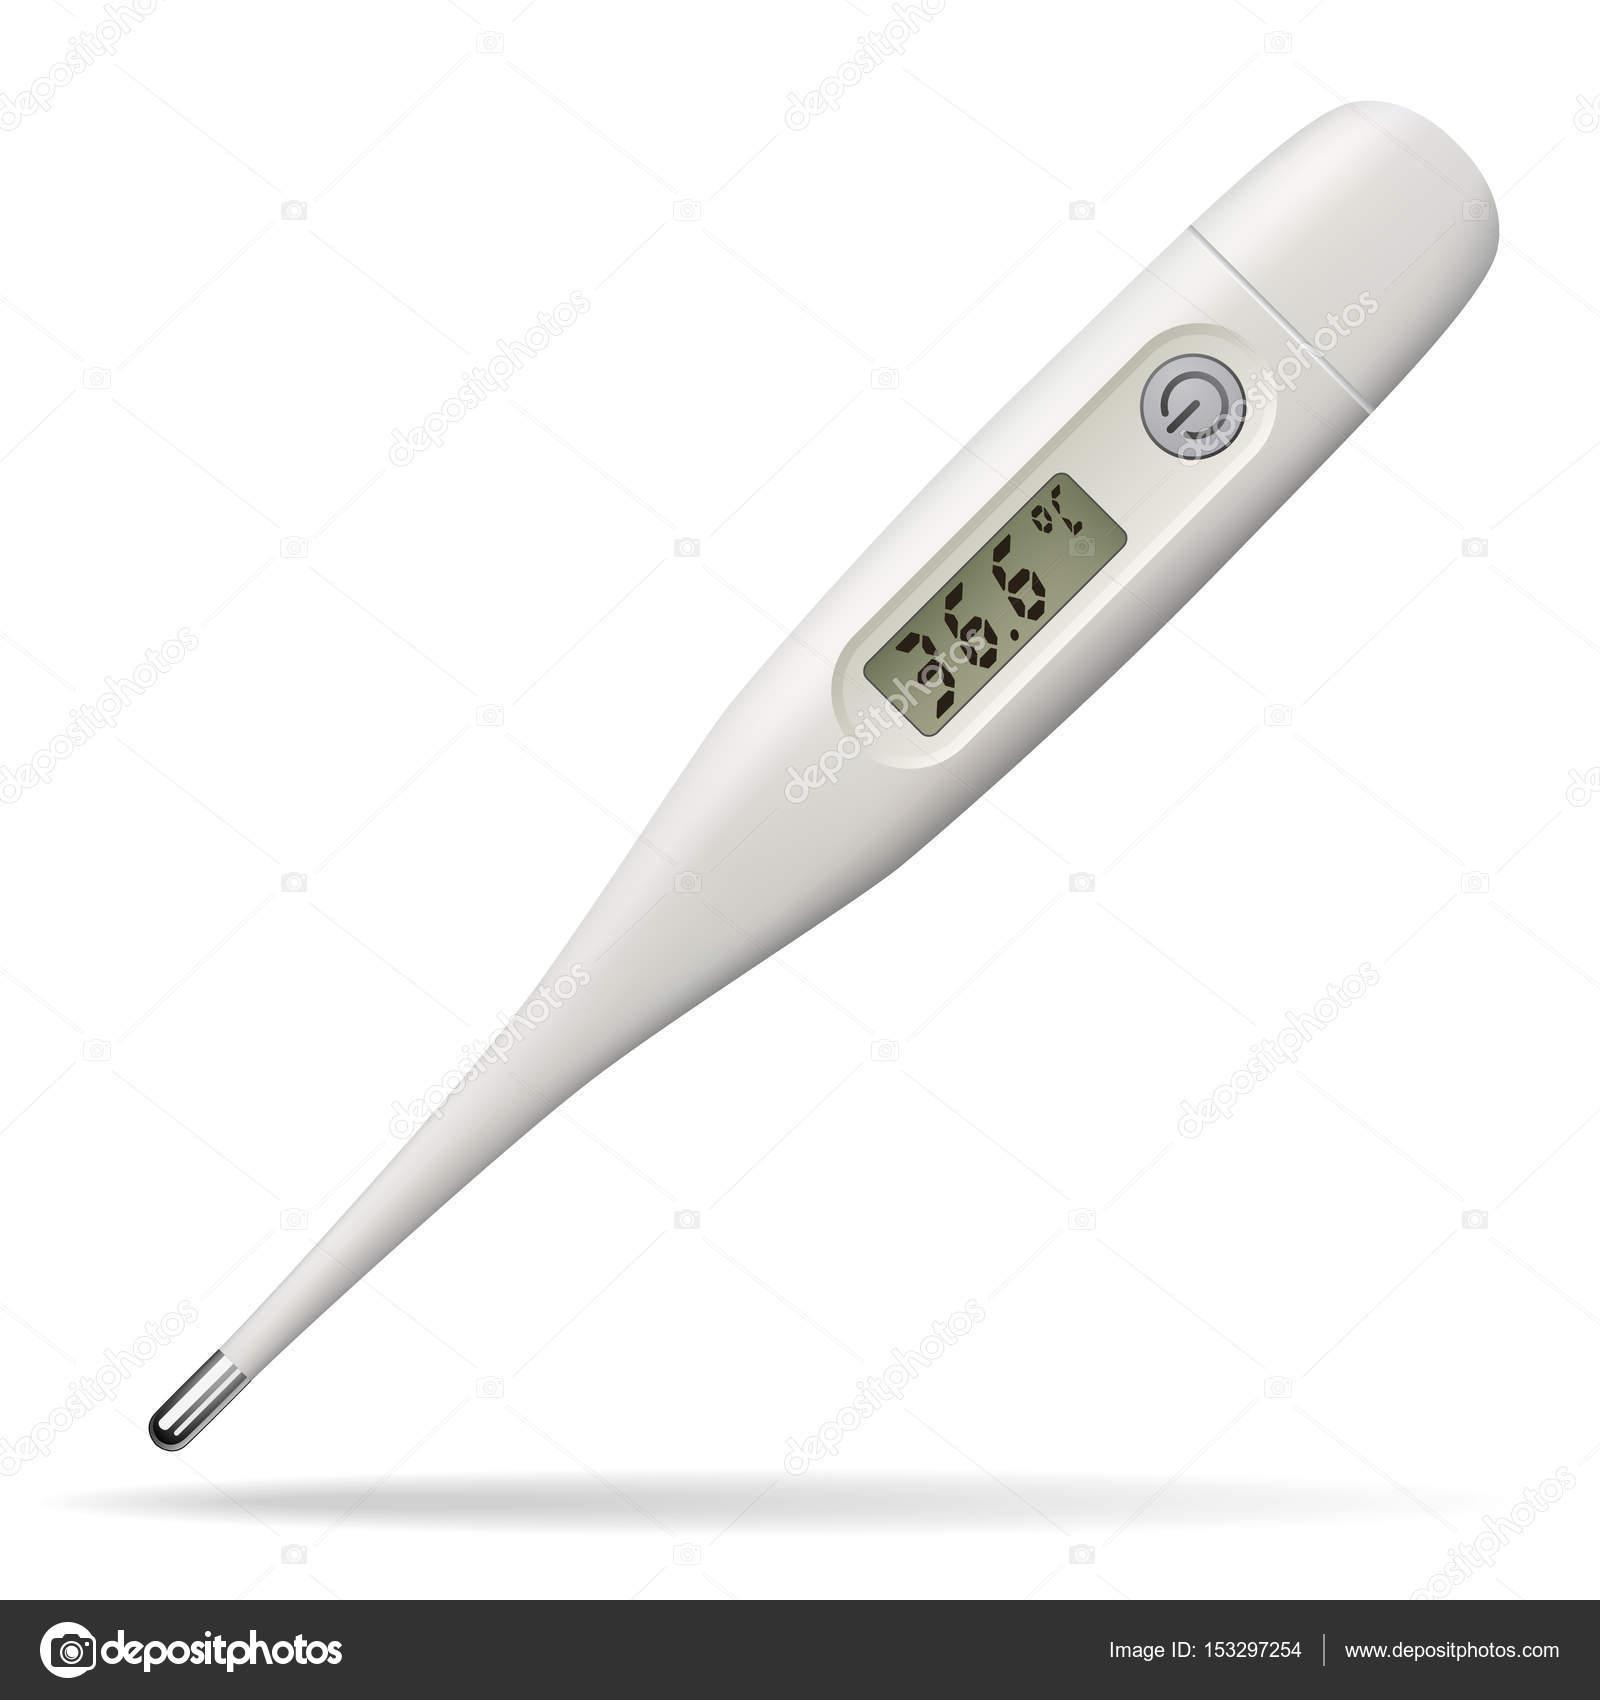 Corporal humano temperatura normal ser del